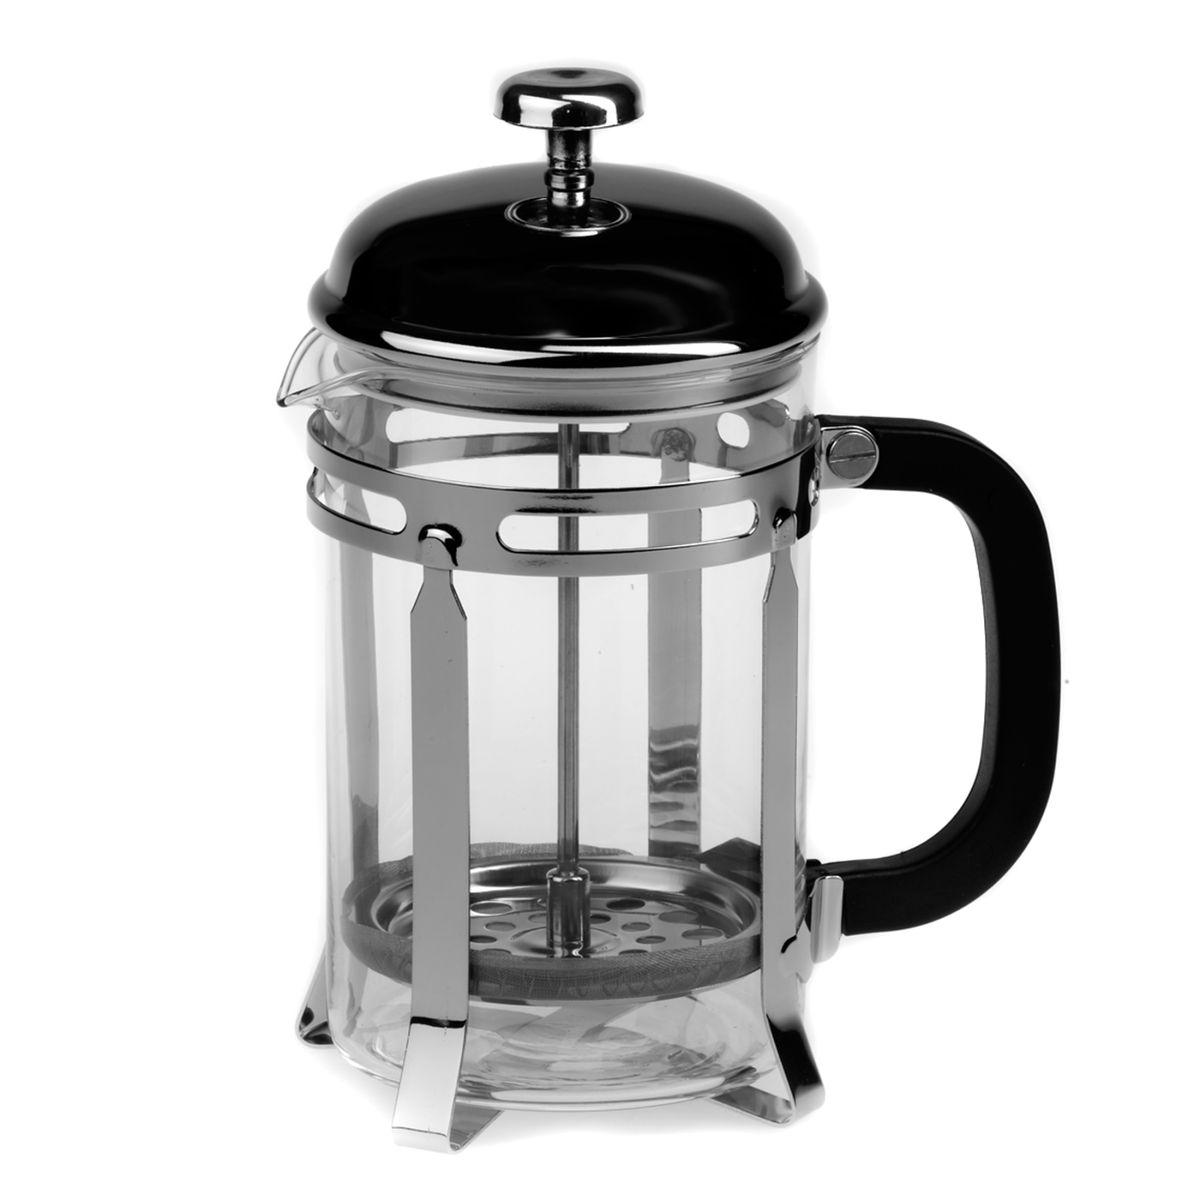 Френч-пресс Gotoff, 800 мл8027AФренч-пресс Gotoff представляет собой гибрид заварочного чайника и кофейника. Колба выполнена из жаропрочного стекла, корпус, крышка и поршень изготовлены из нержавеющей стали. Ручка пластиковая. Изделие легко разбирается и моется. Прозрачные стенки чайника дают возможность наблюдать за насыщением напитка, а поршень позволяет с легкостью отжать самый сок от заварки и получить напиток с насыщенным вкусом. Заварочный чайник - постоянно используемый предмет посуды, который необходим на каждой кухне. Френч-пресс Gotoff займет достойное место среди аксессуаров на вашей кухне. Можно мыть в посудомоечной машине. Диаметр (по верхнему краю): 10 см. Высота чайника: 21 см.